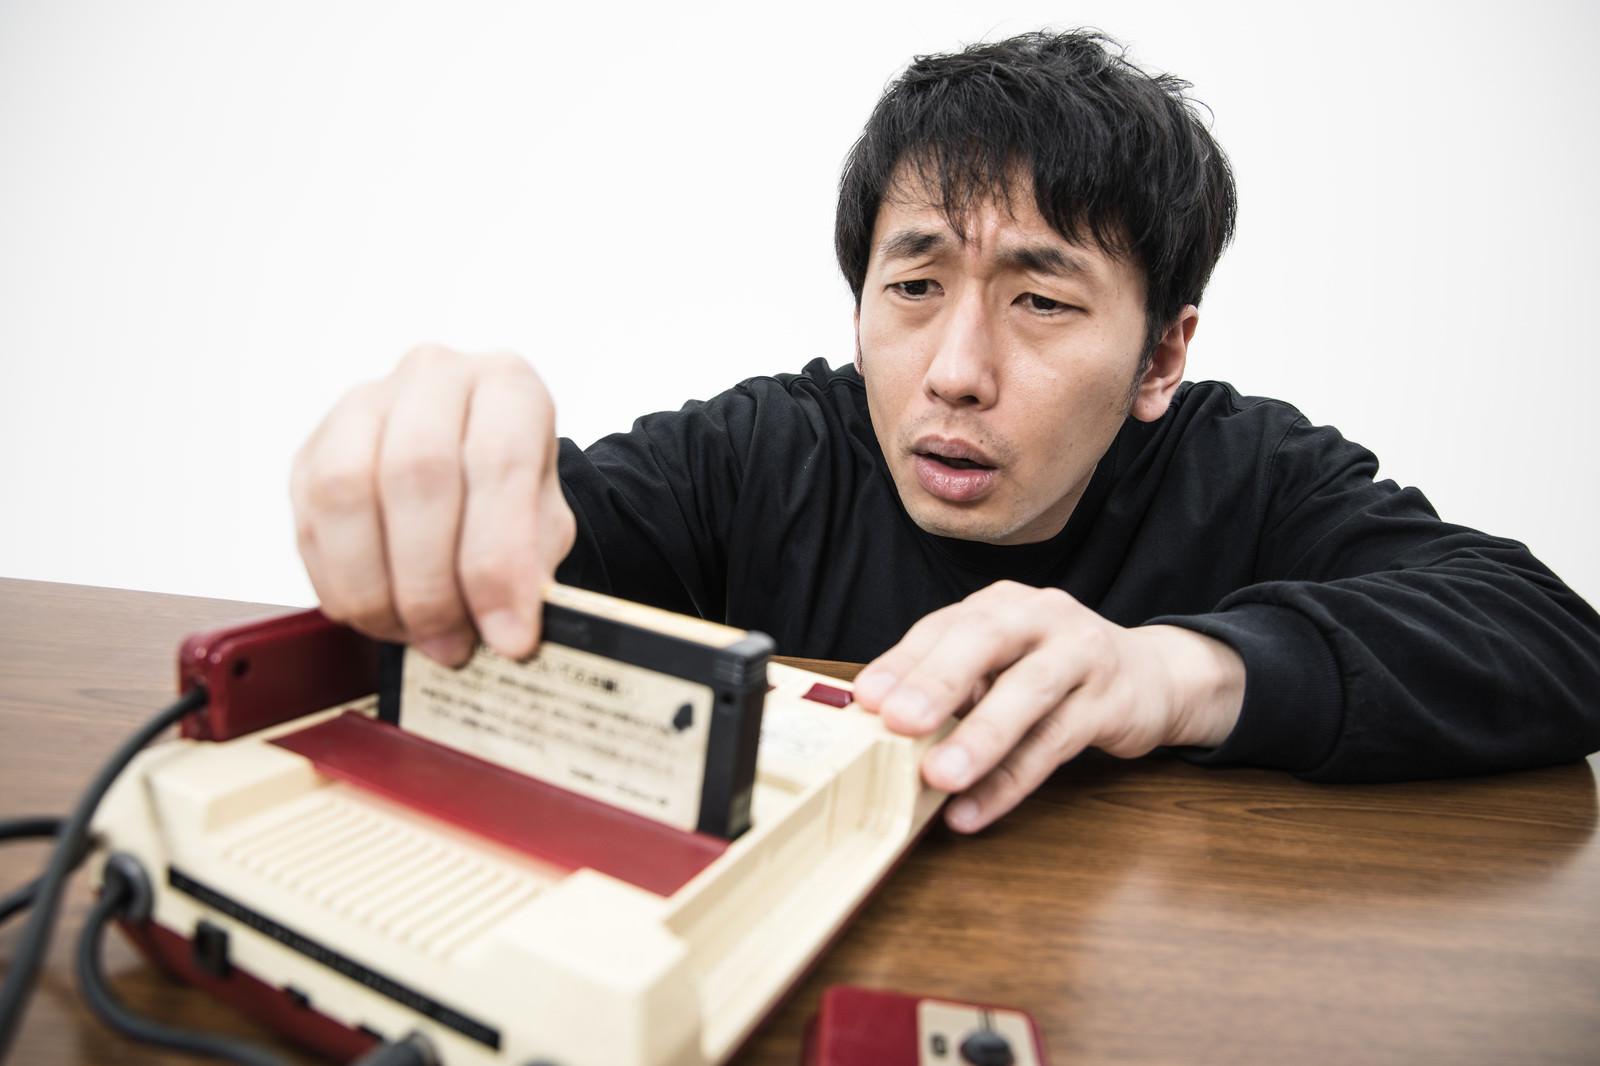 「カセットの角度調整に苦戦するゲーマー」の写真[モデル:大川竜弥]